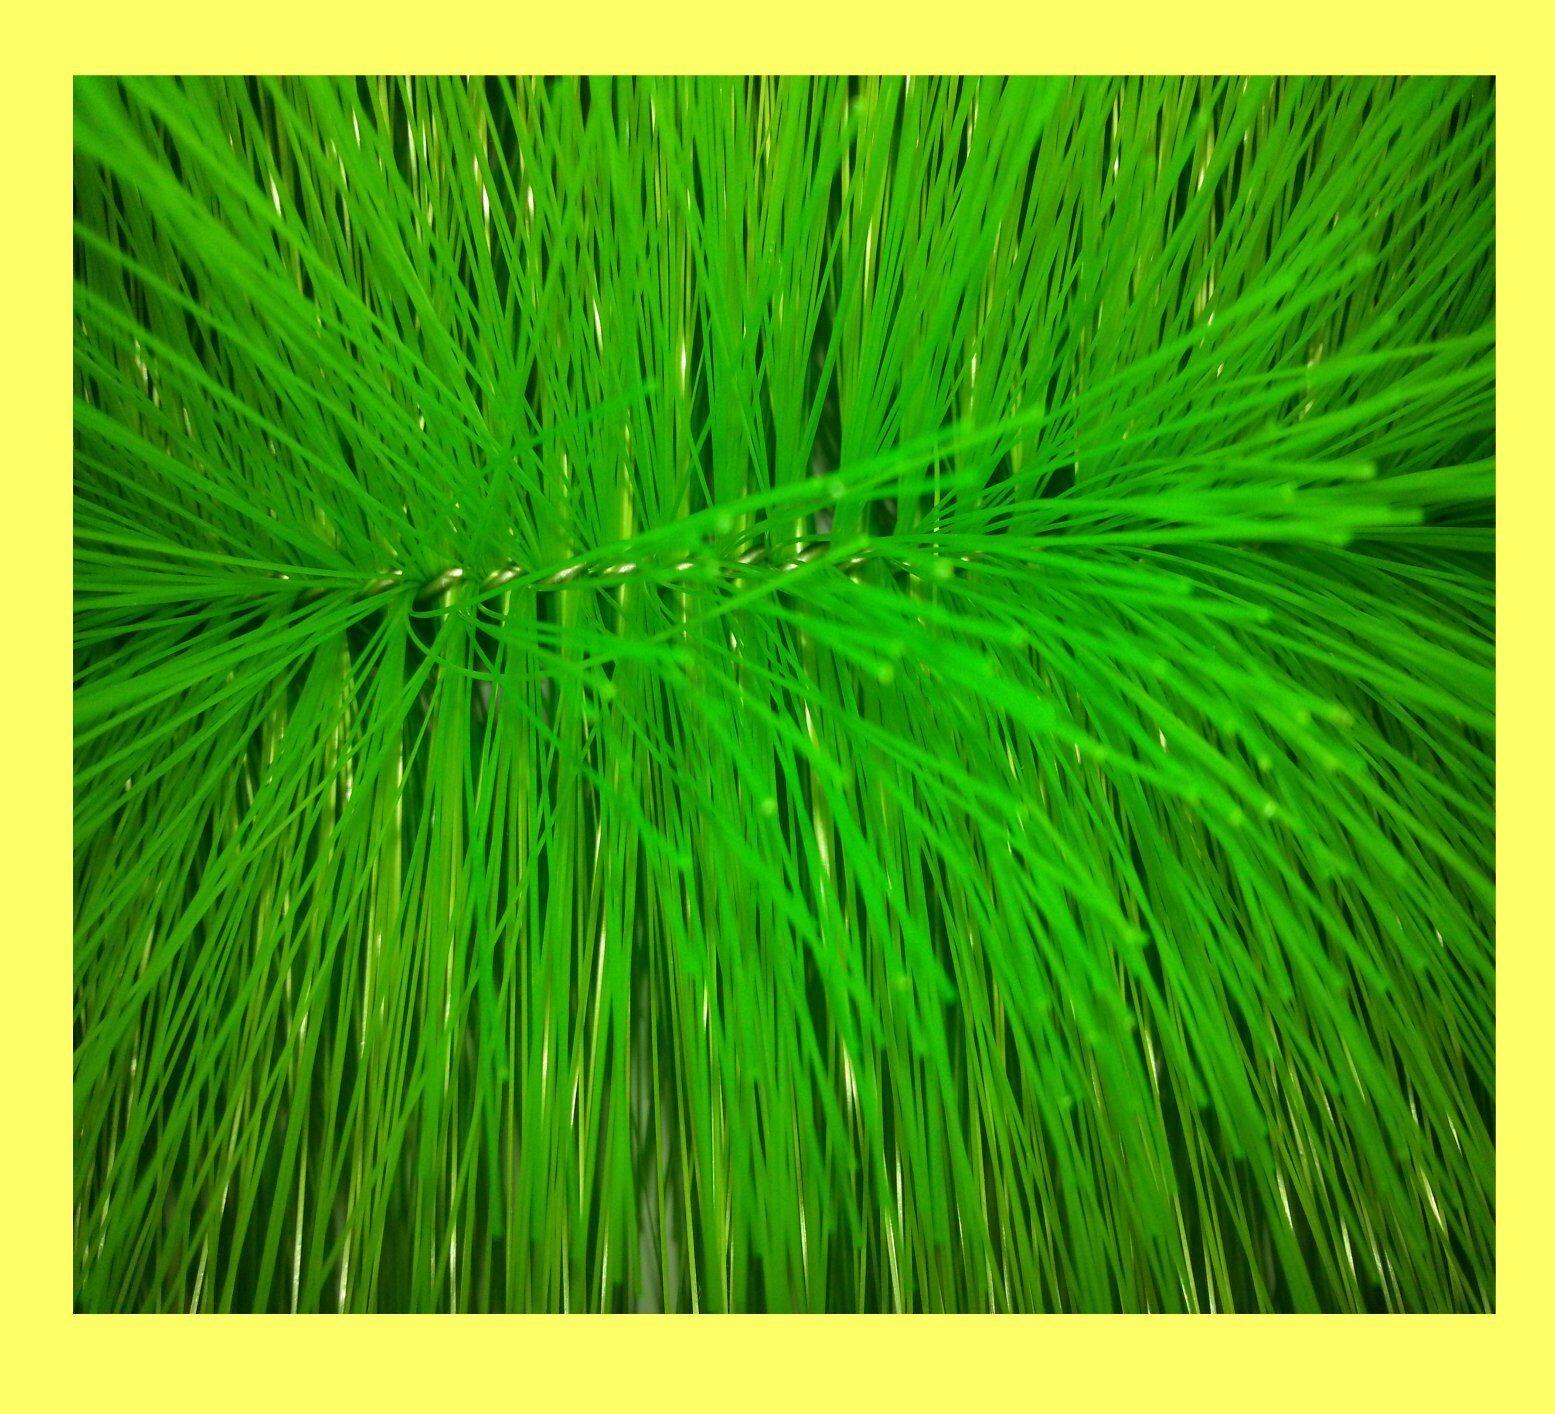 20 PEZZI FILTRO SPAZZOLA verde sottili 40 cm di lunghezza stagno Spazzola koiteich Stagno Filtro F